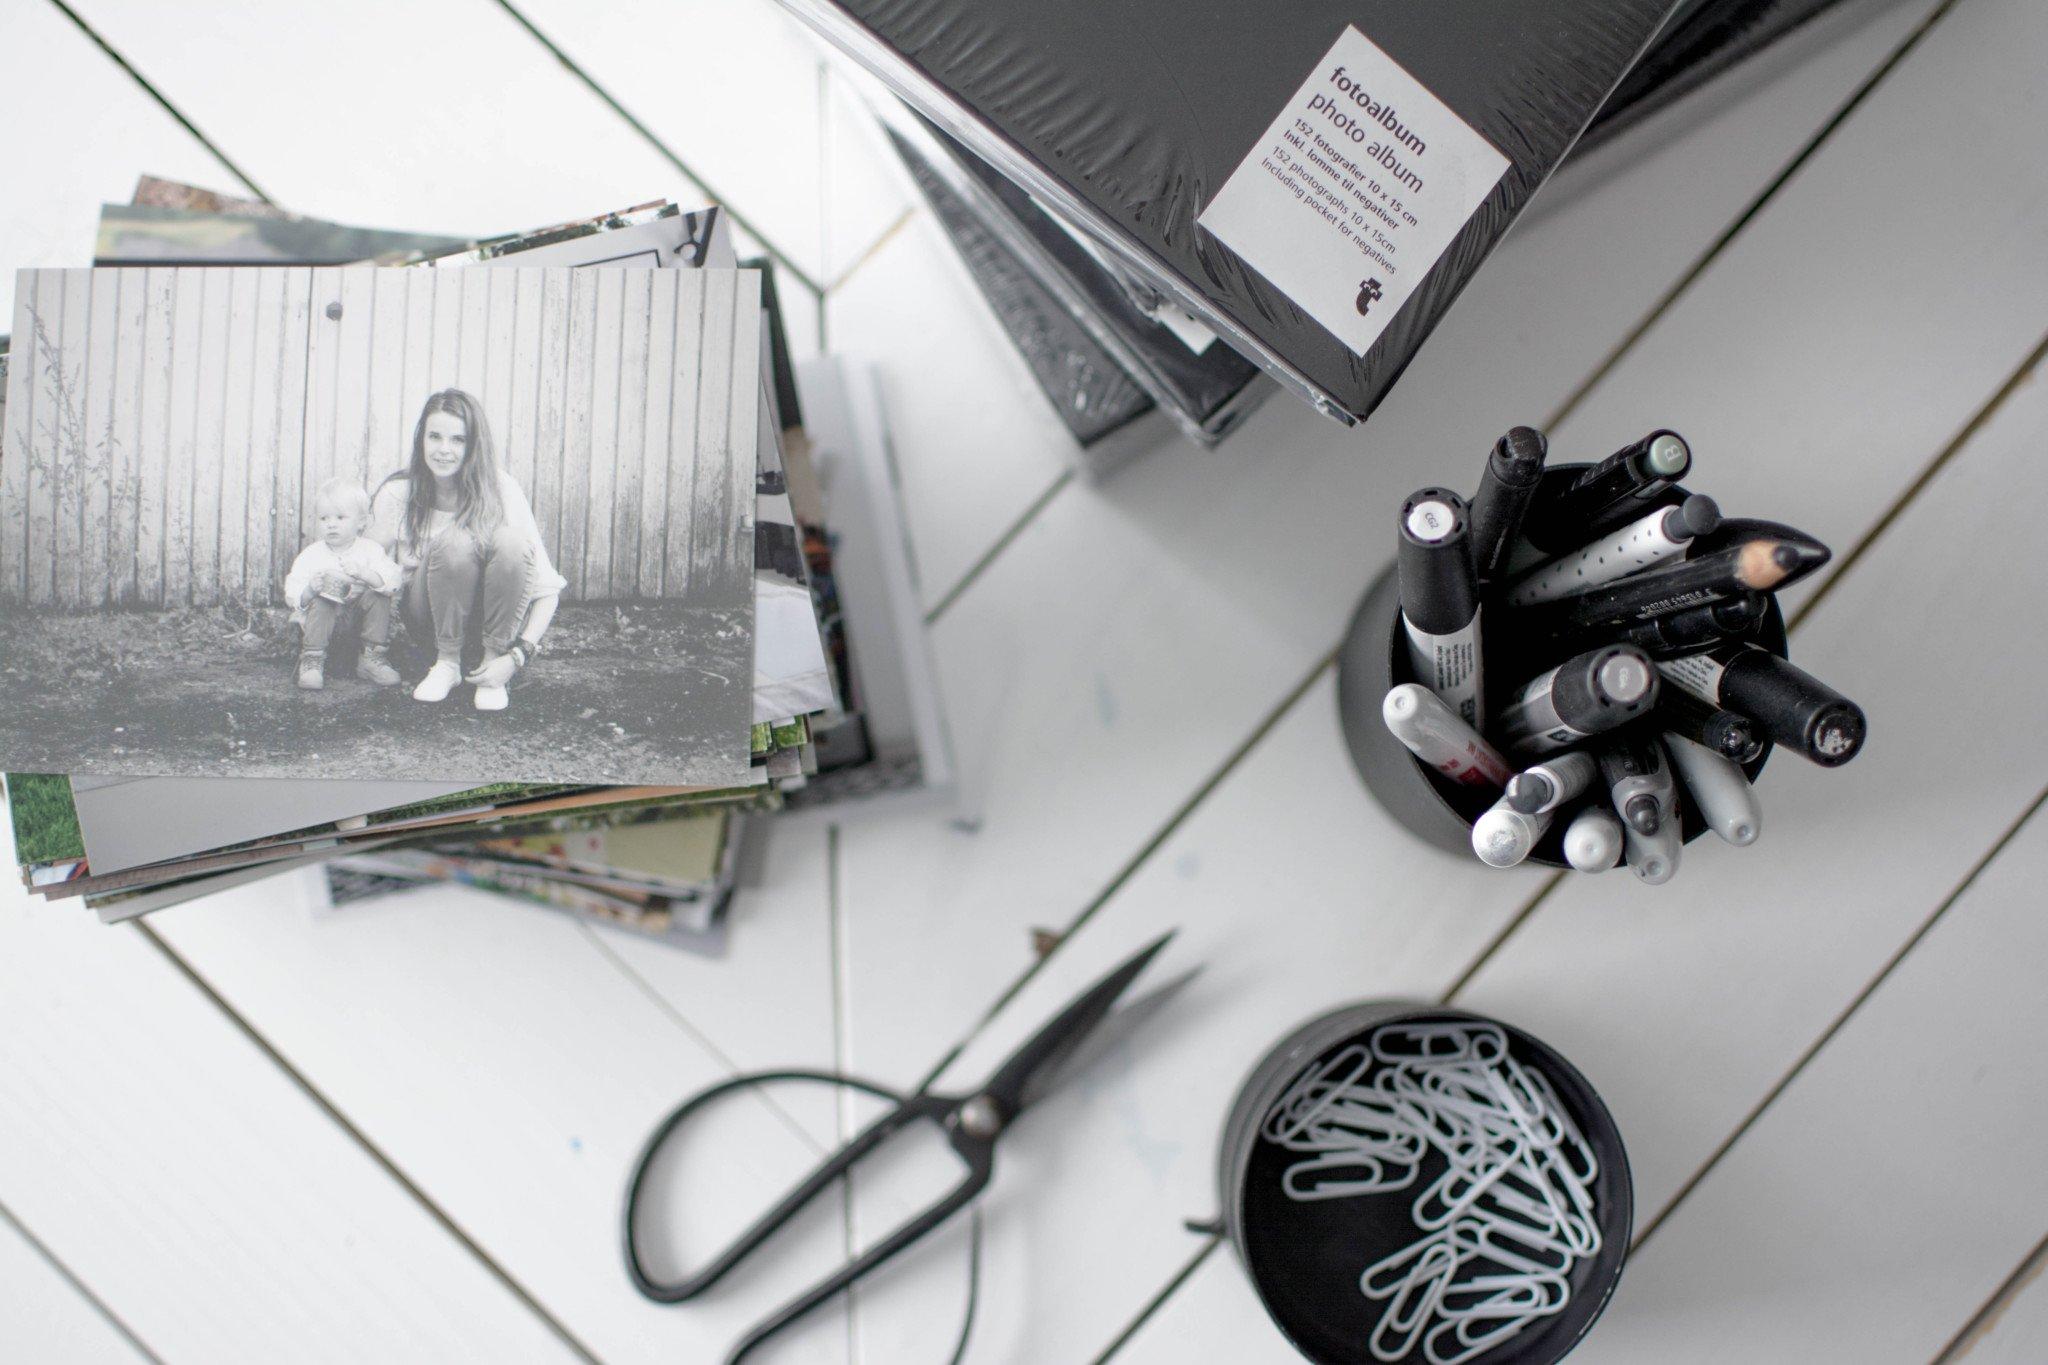 kuidas mälestusi säilitada?